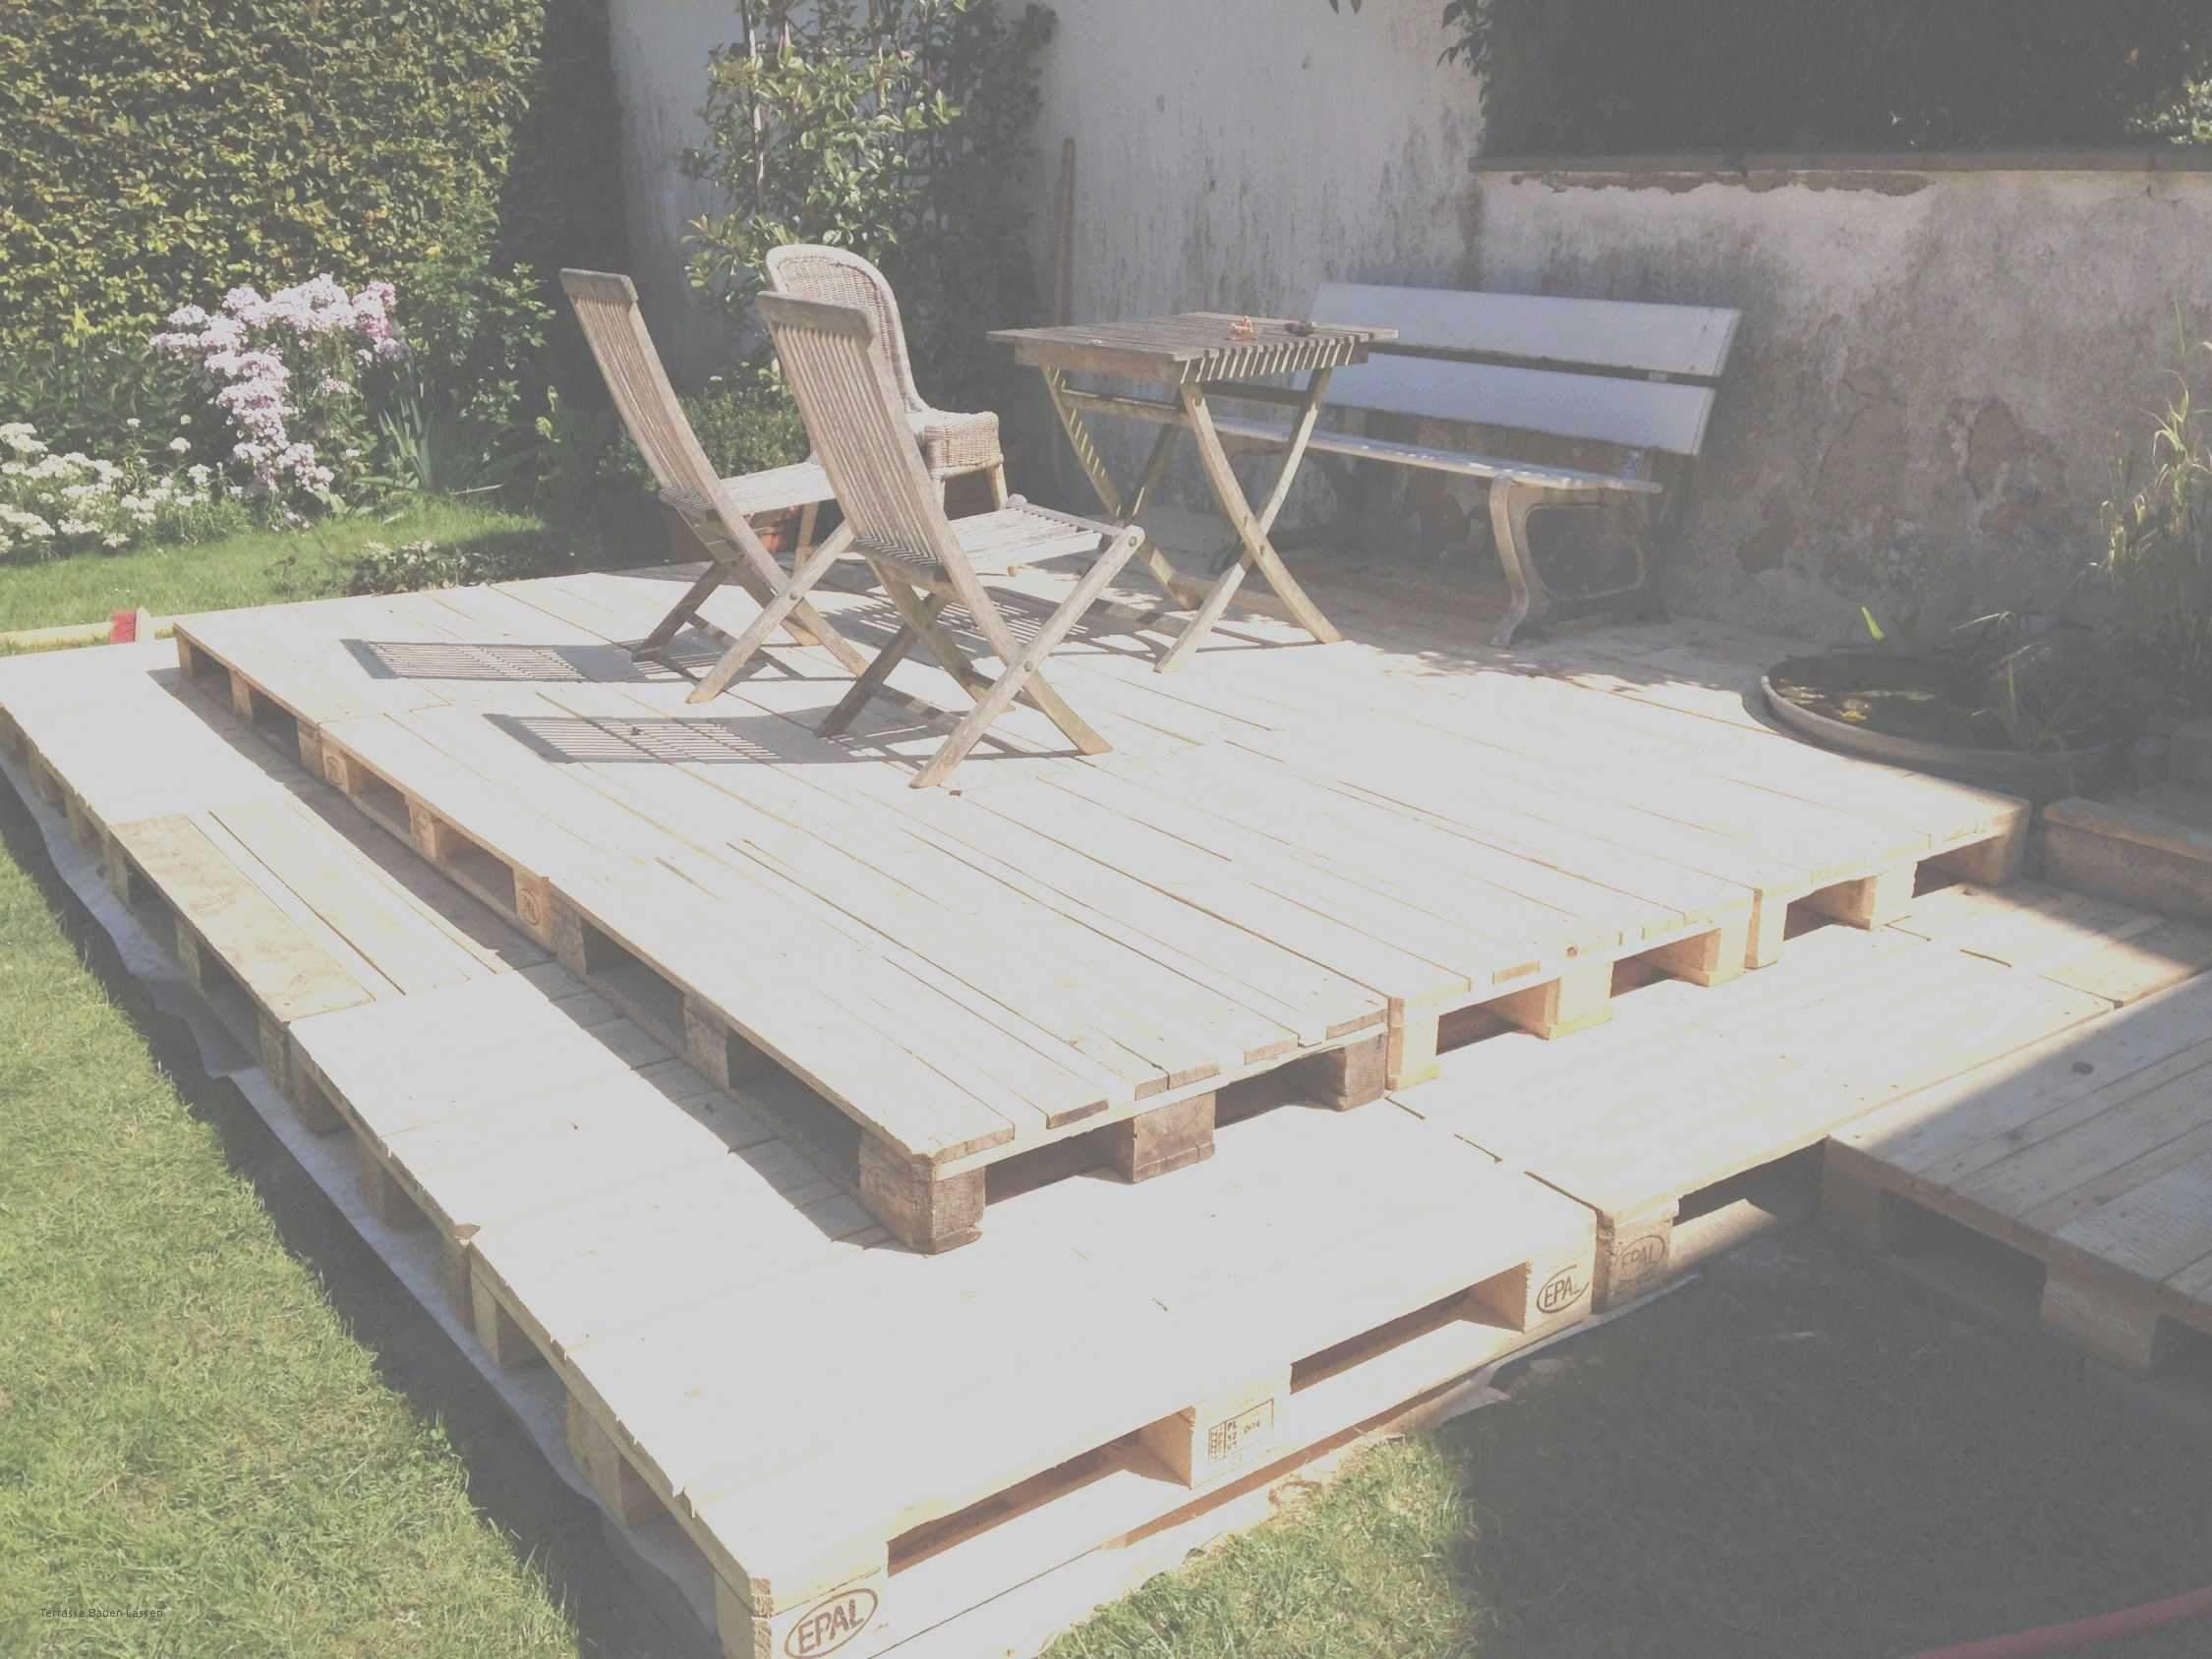 terrasse bauen lassen elegant terrasse bauen lassen kosten 35 formular of terrasse bauen lassen